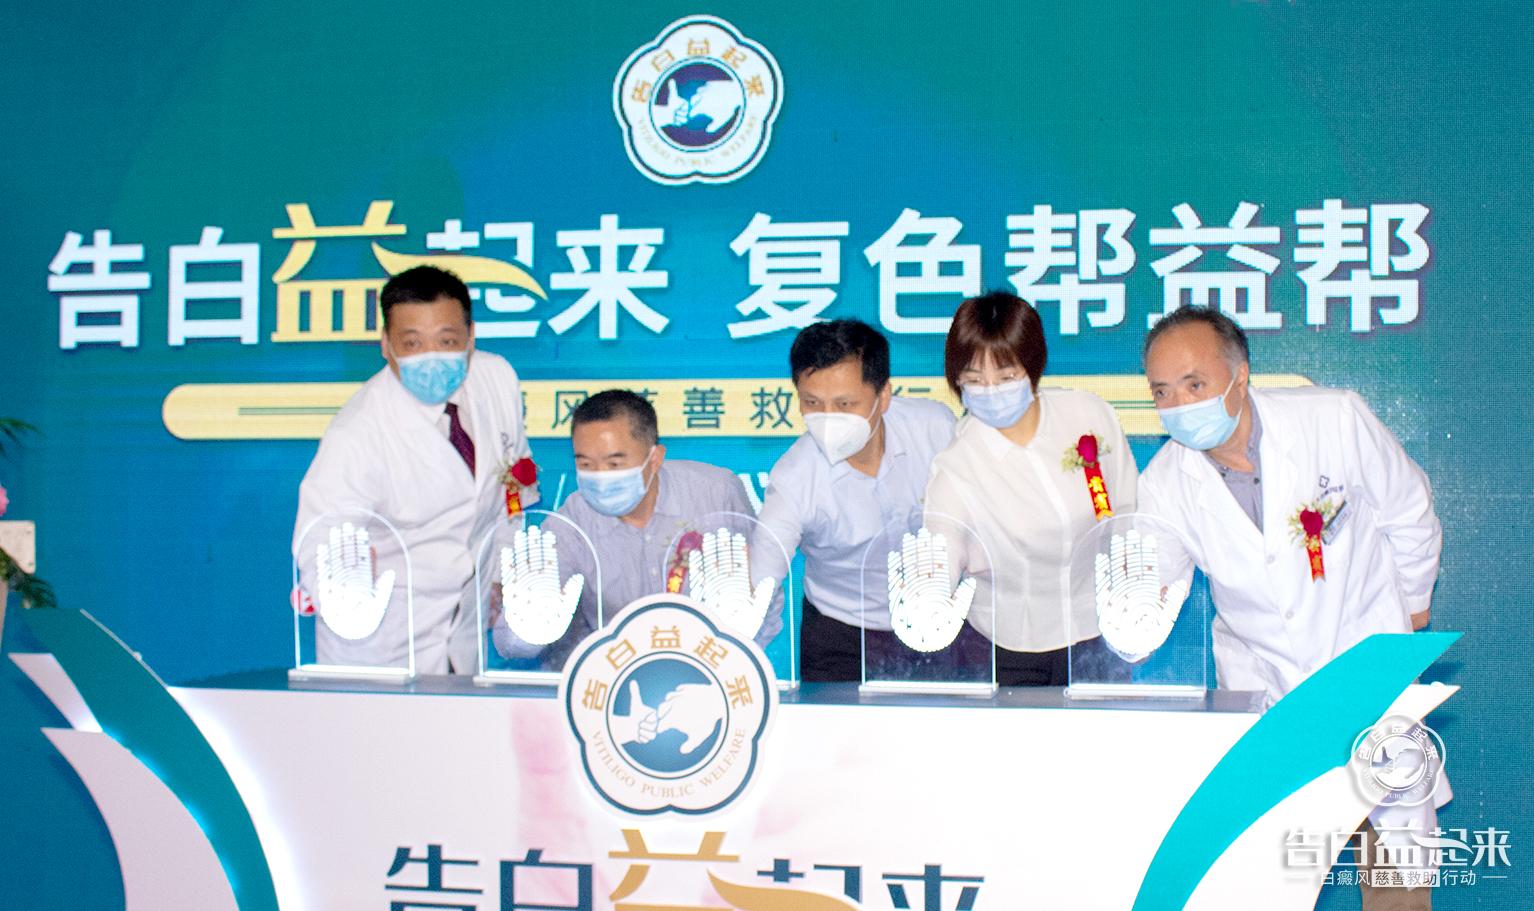 合肥治疗白癜风:慈善救助行动开启了新方向